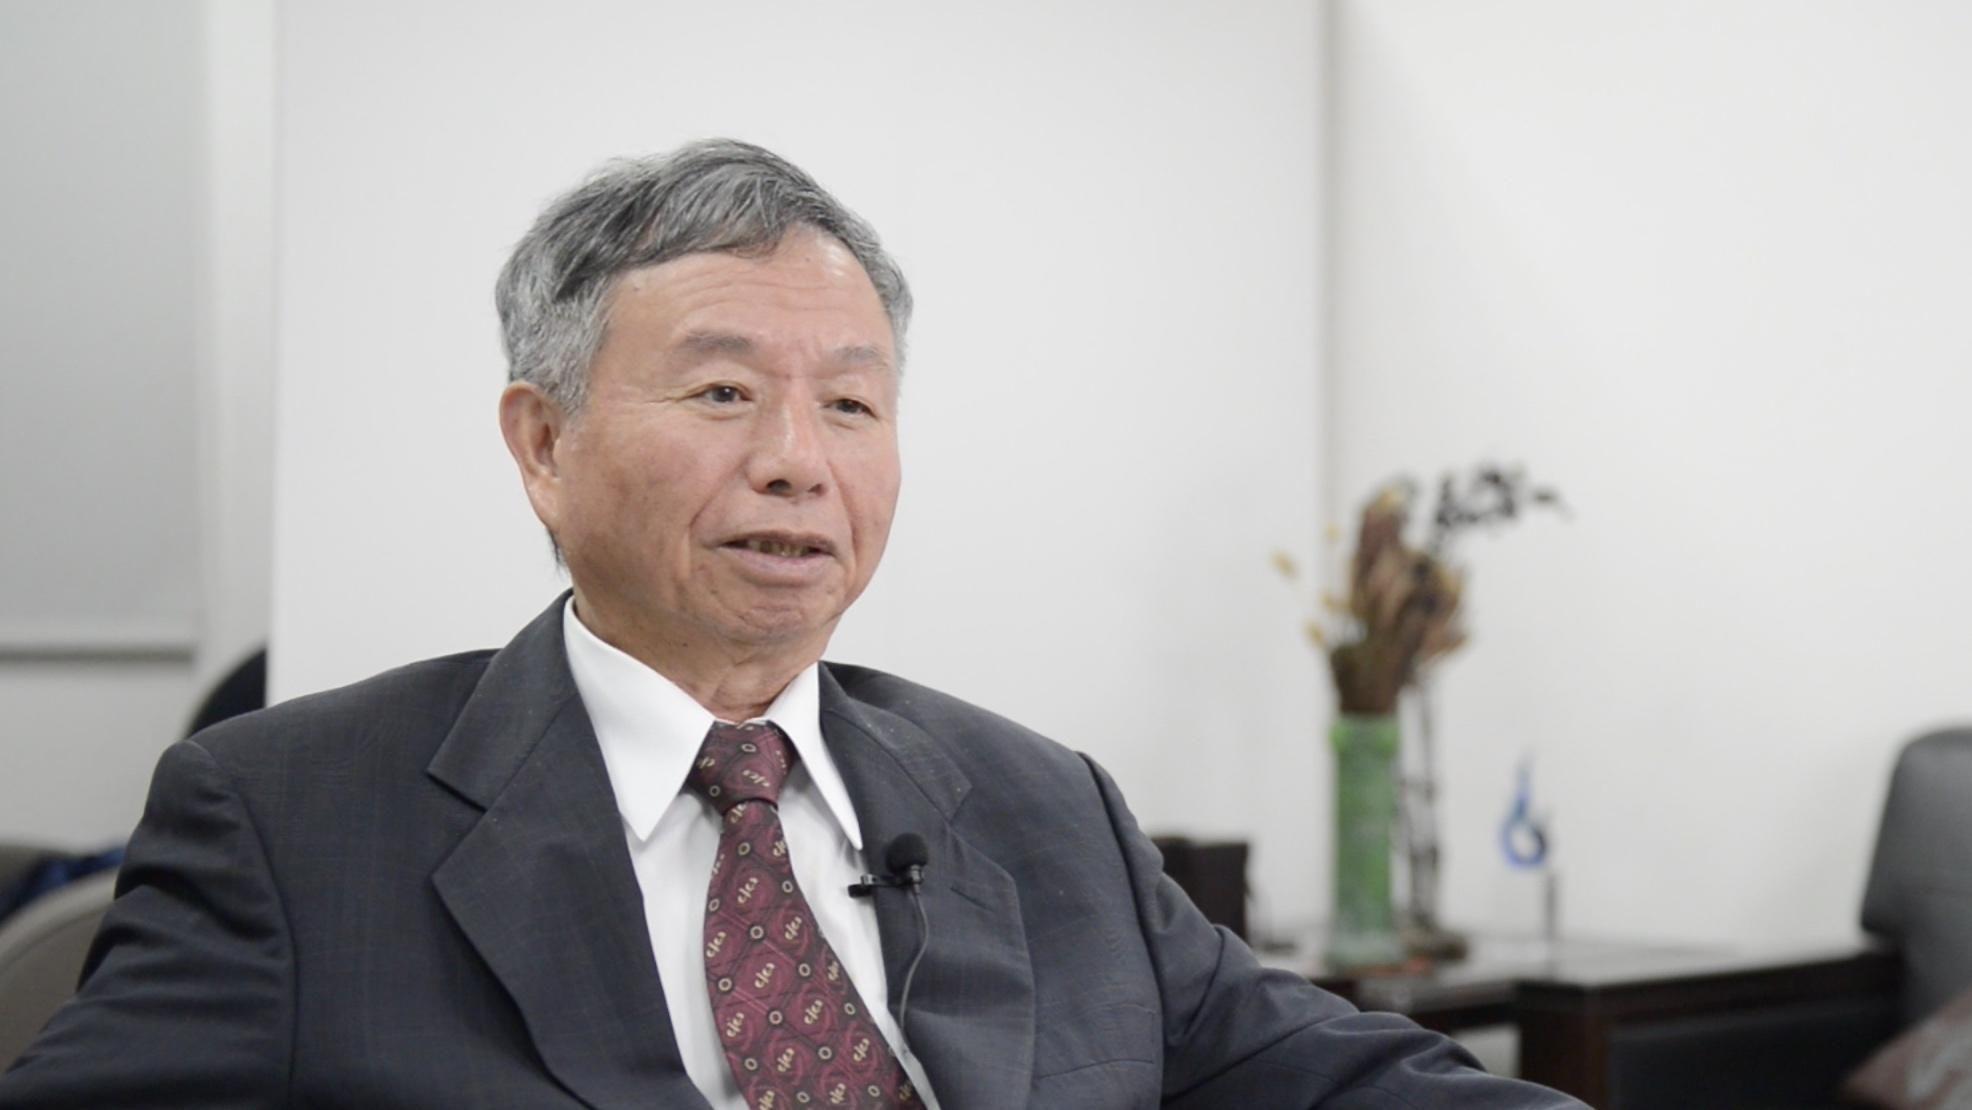 要好好說再見,是要實話實說-前衛生署長 楊志良談《病人自主權利法》